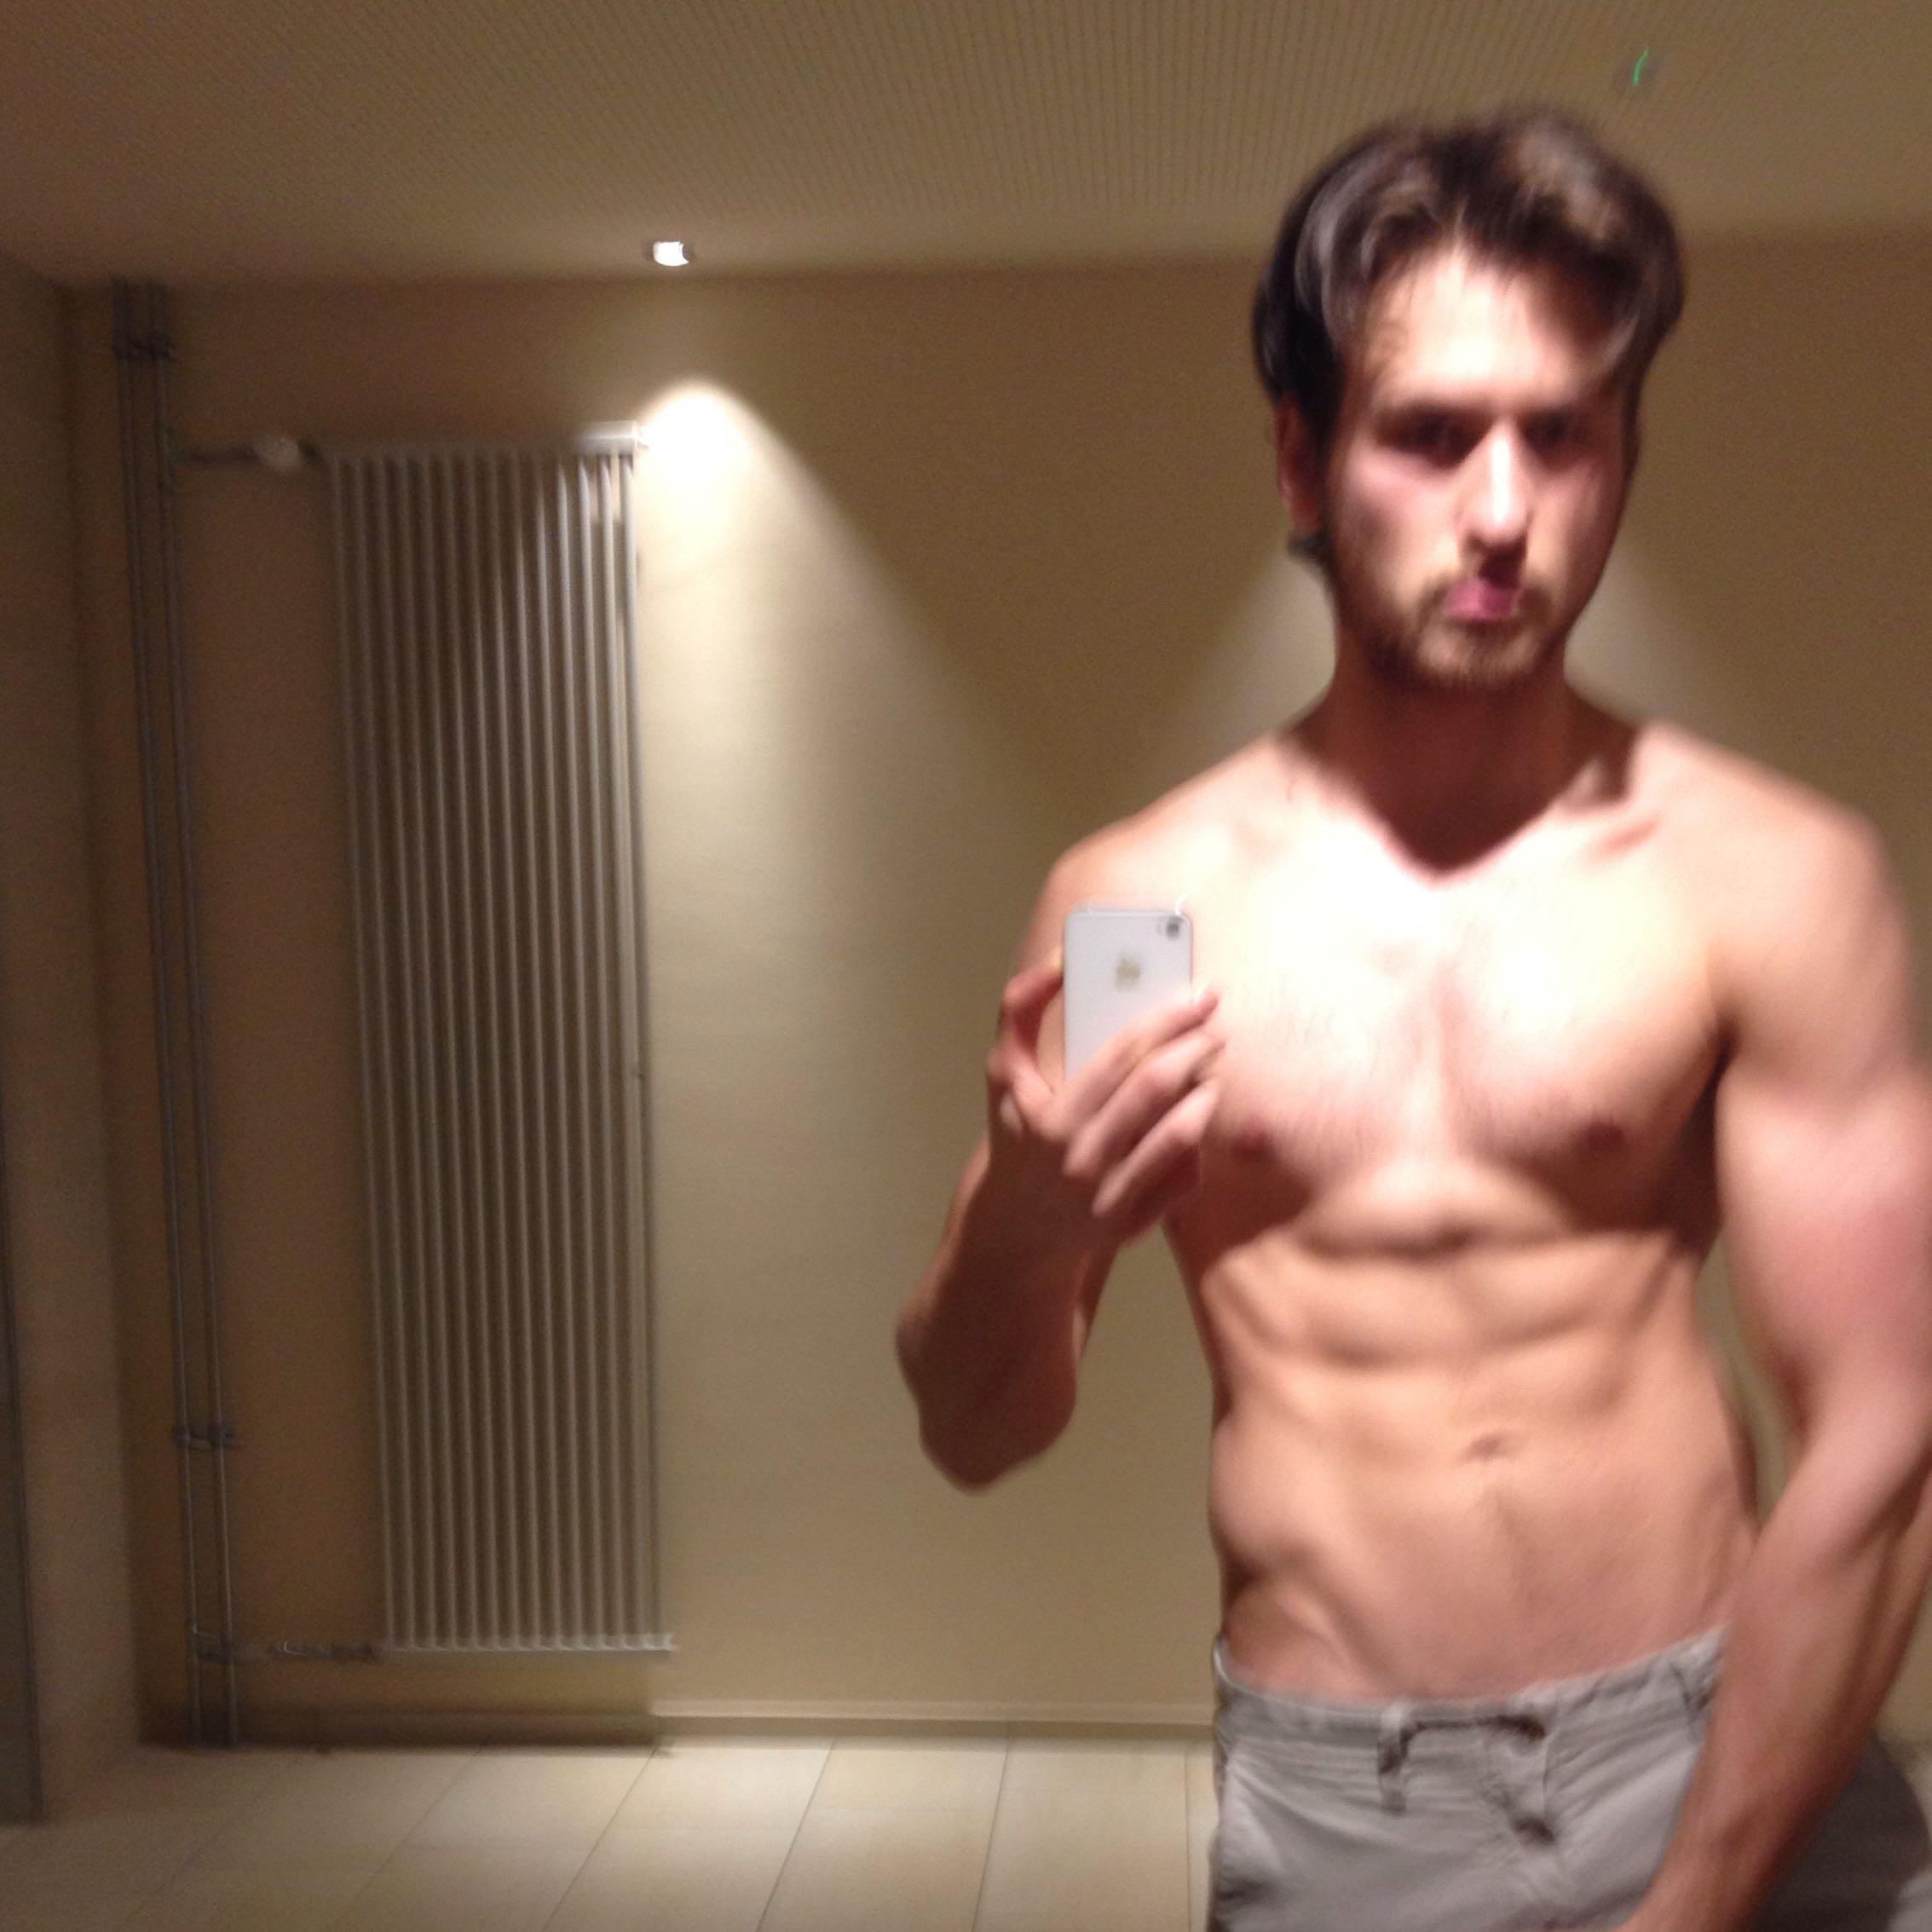 Eure Meinung zu meiner Leistung - Bodybuilding, 1 Jahr